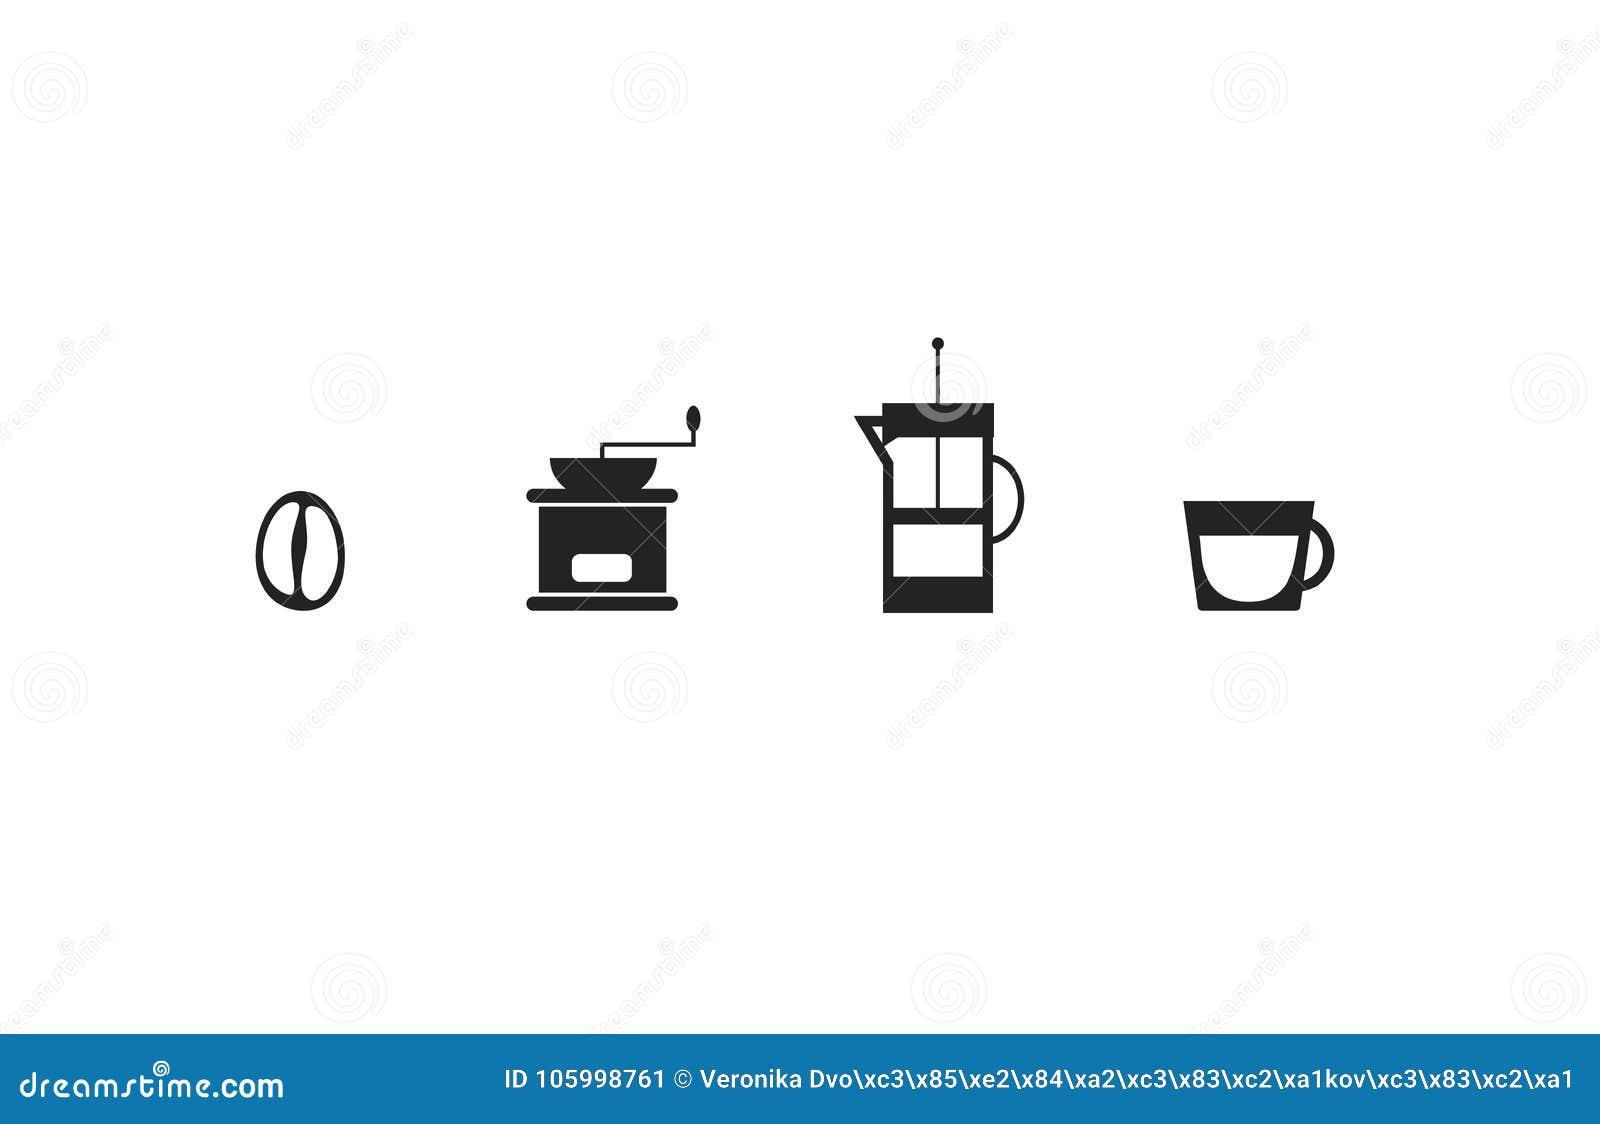 Uppsättning av fyra enkla symboler med kaffetema: Kaffeböna, klassisk molar, franskapresskokkärl och liten kopp